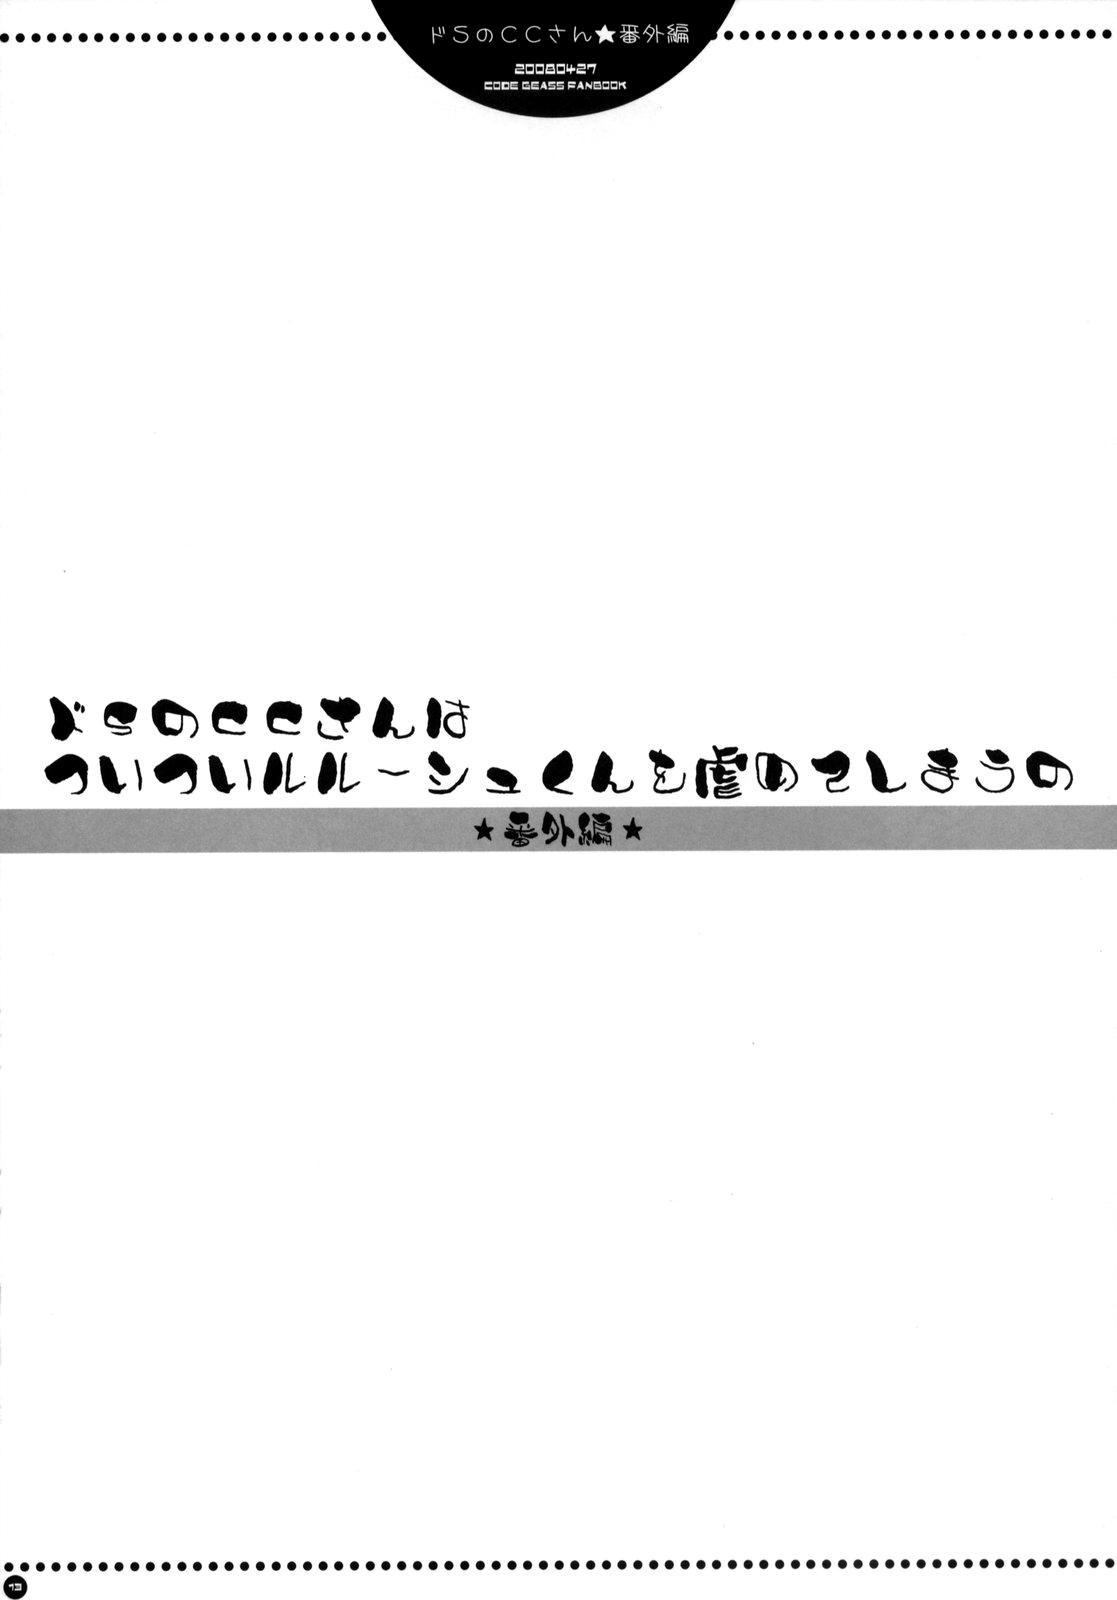 (COMIC1☆2) [PINK (Araiguma)] Do S no C.C.-san wa Tsui Tsui Lelouch-kun o Ijimete Shimau no - Bangaihen | Sadistic C.C. Carelessly Bullying Lelouch (CODE GEASS: Lelouch of the Rebellion) [English] 11